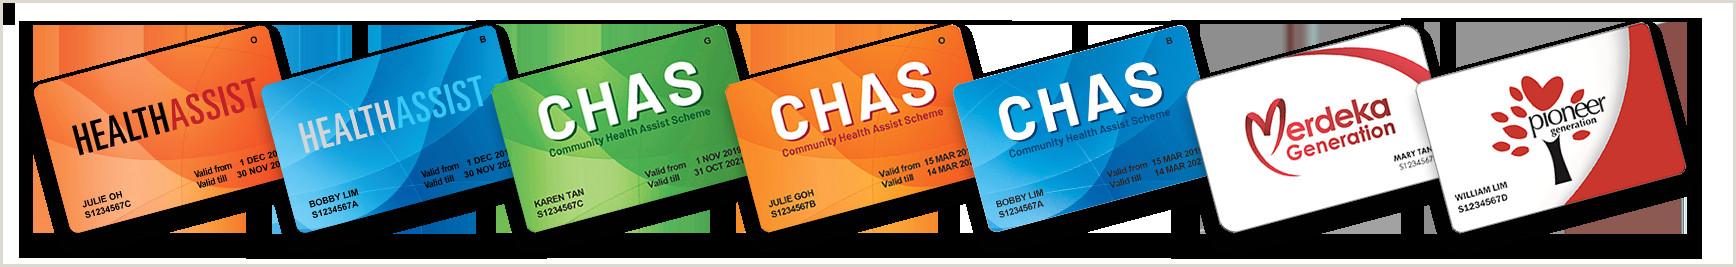 Unique Dentist Business Cards Chas